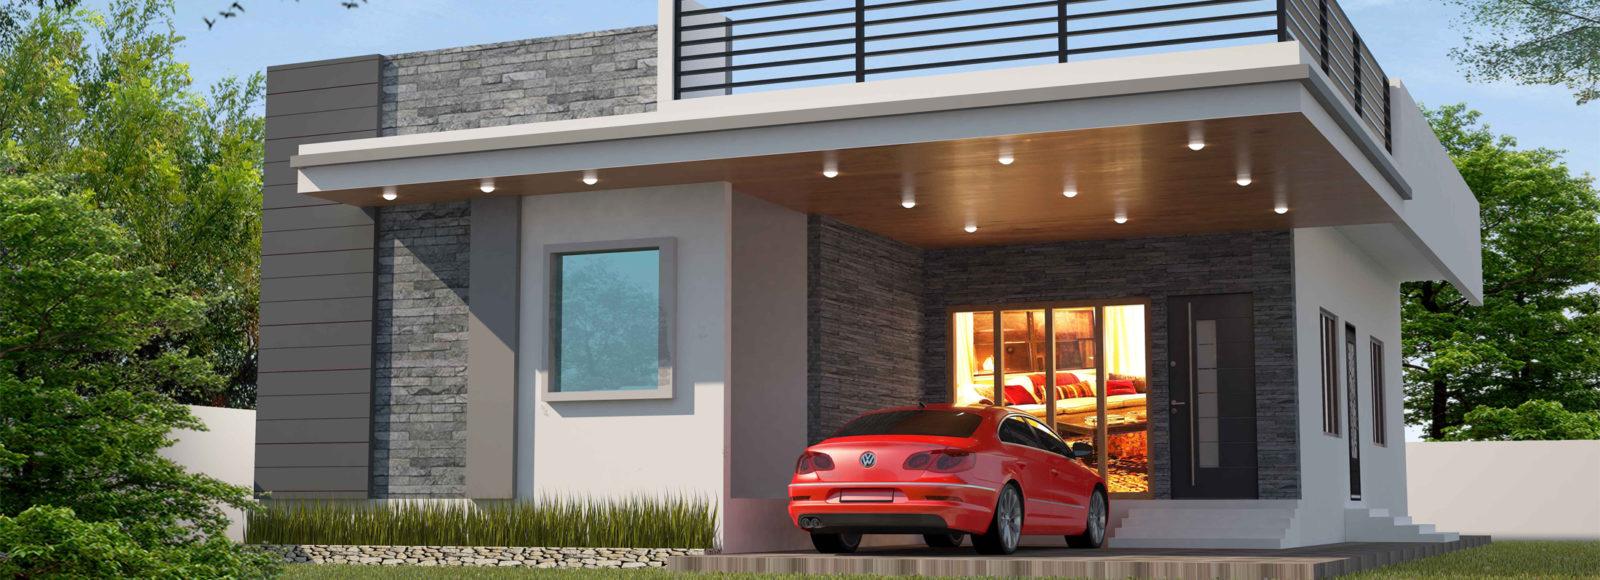 Building Exterior Design